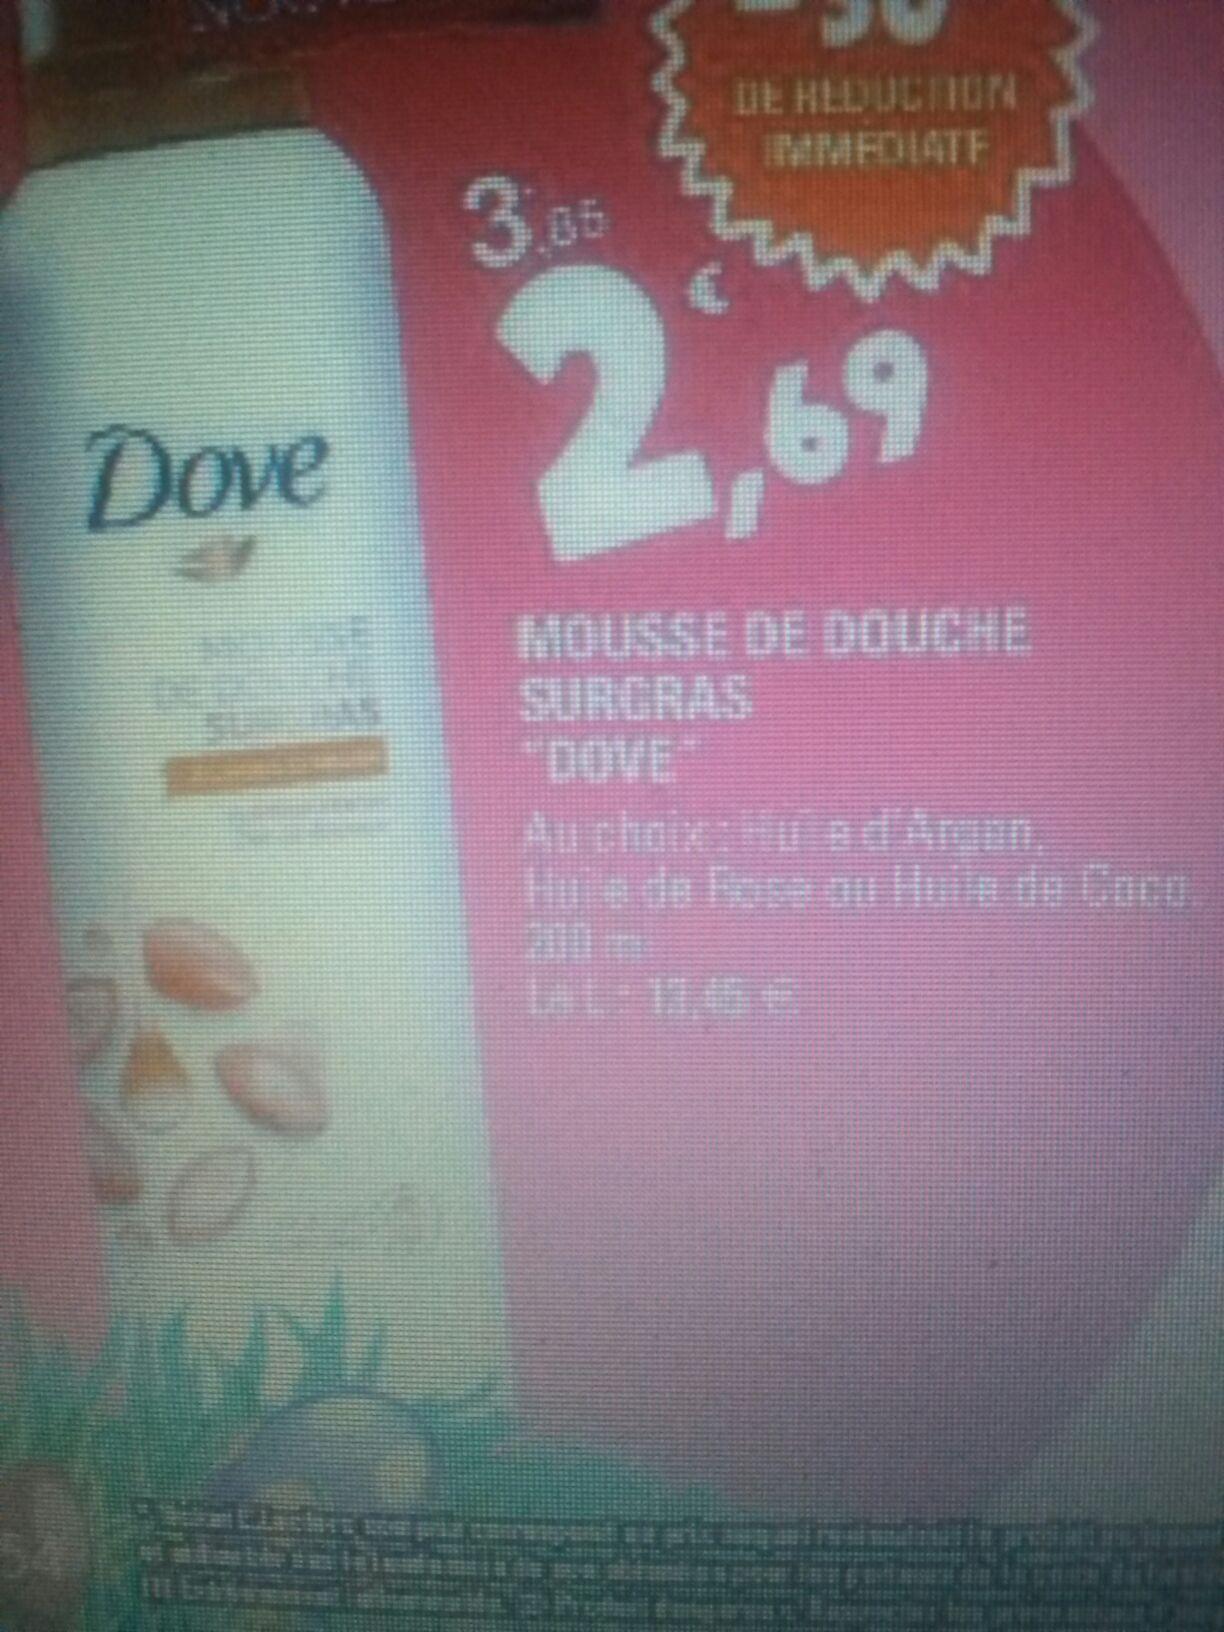 Mousse de douche Dove - 400 ml (via BDR sur carte Leclerc + BDR)